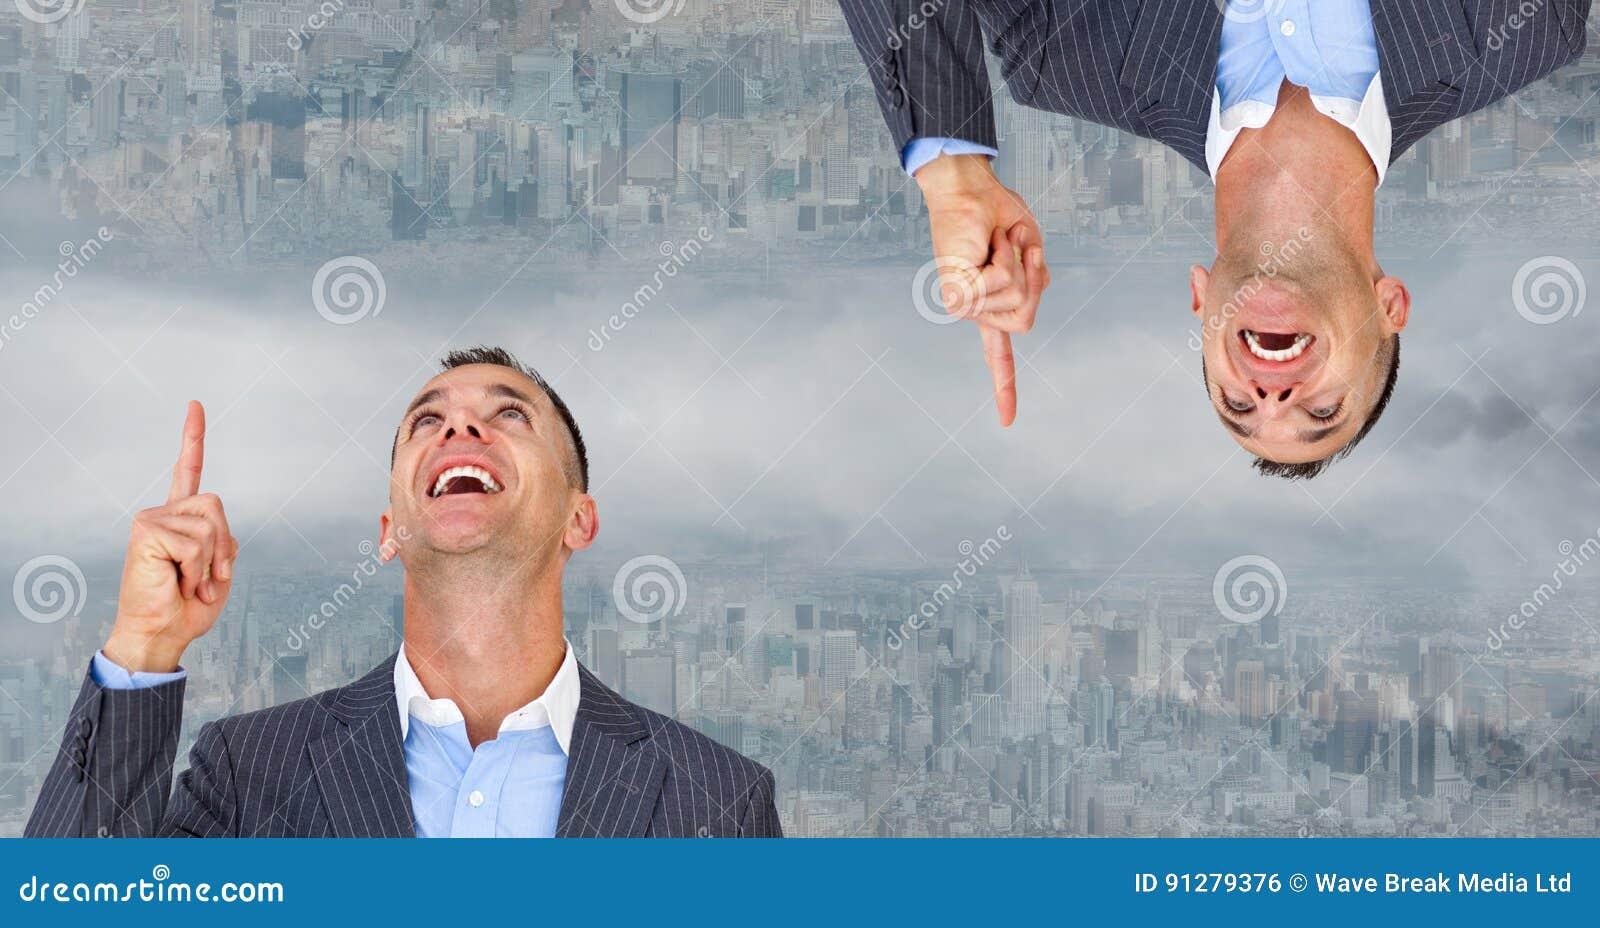 Digital sammansatt bild av den uppochnervända affärsmannen som pekar i stad